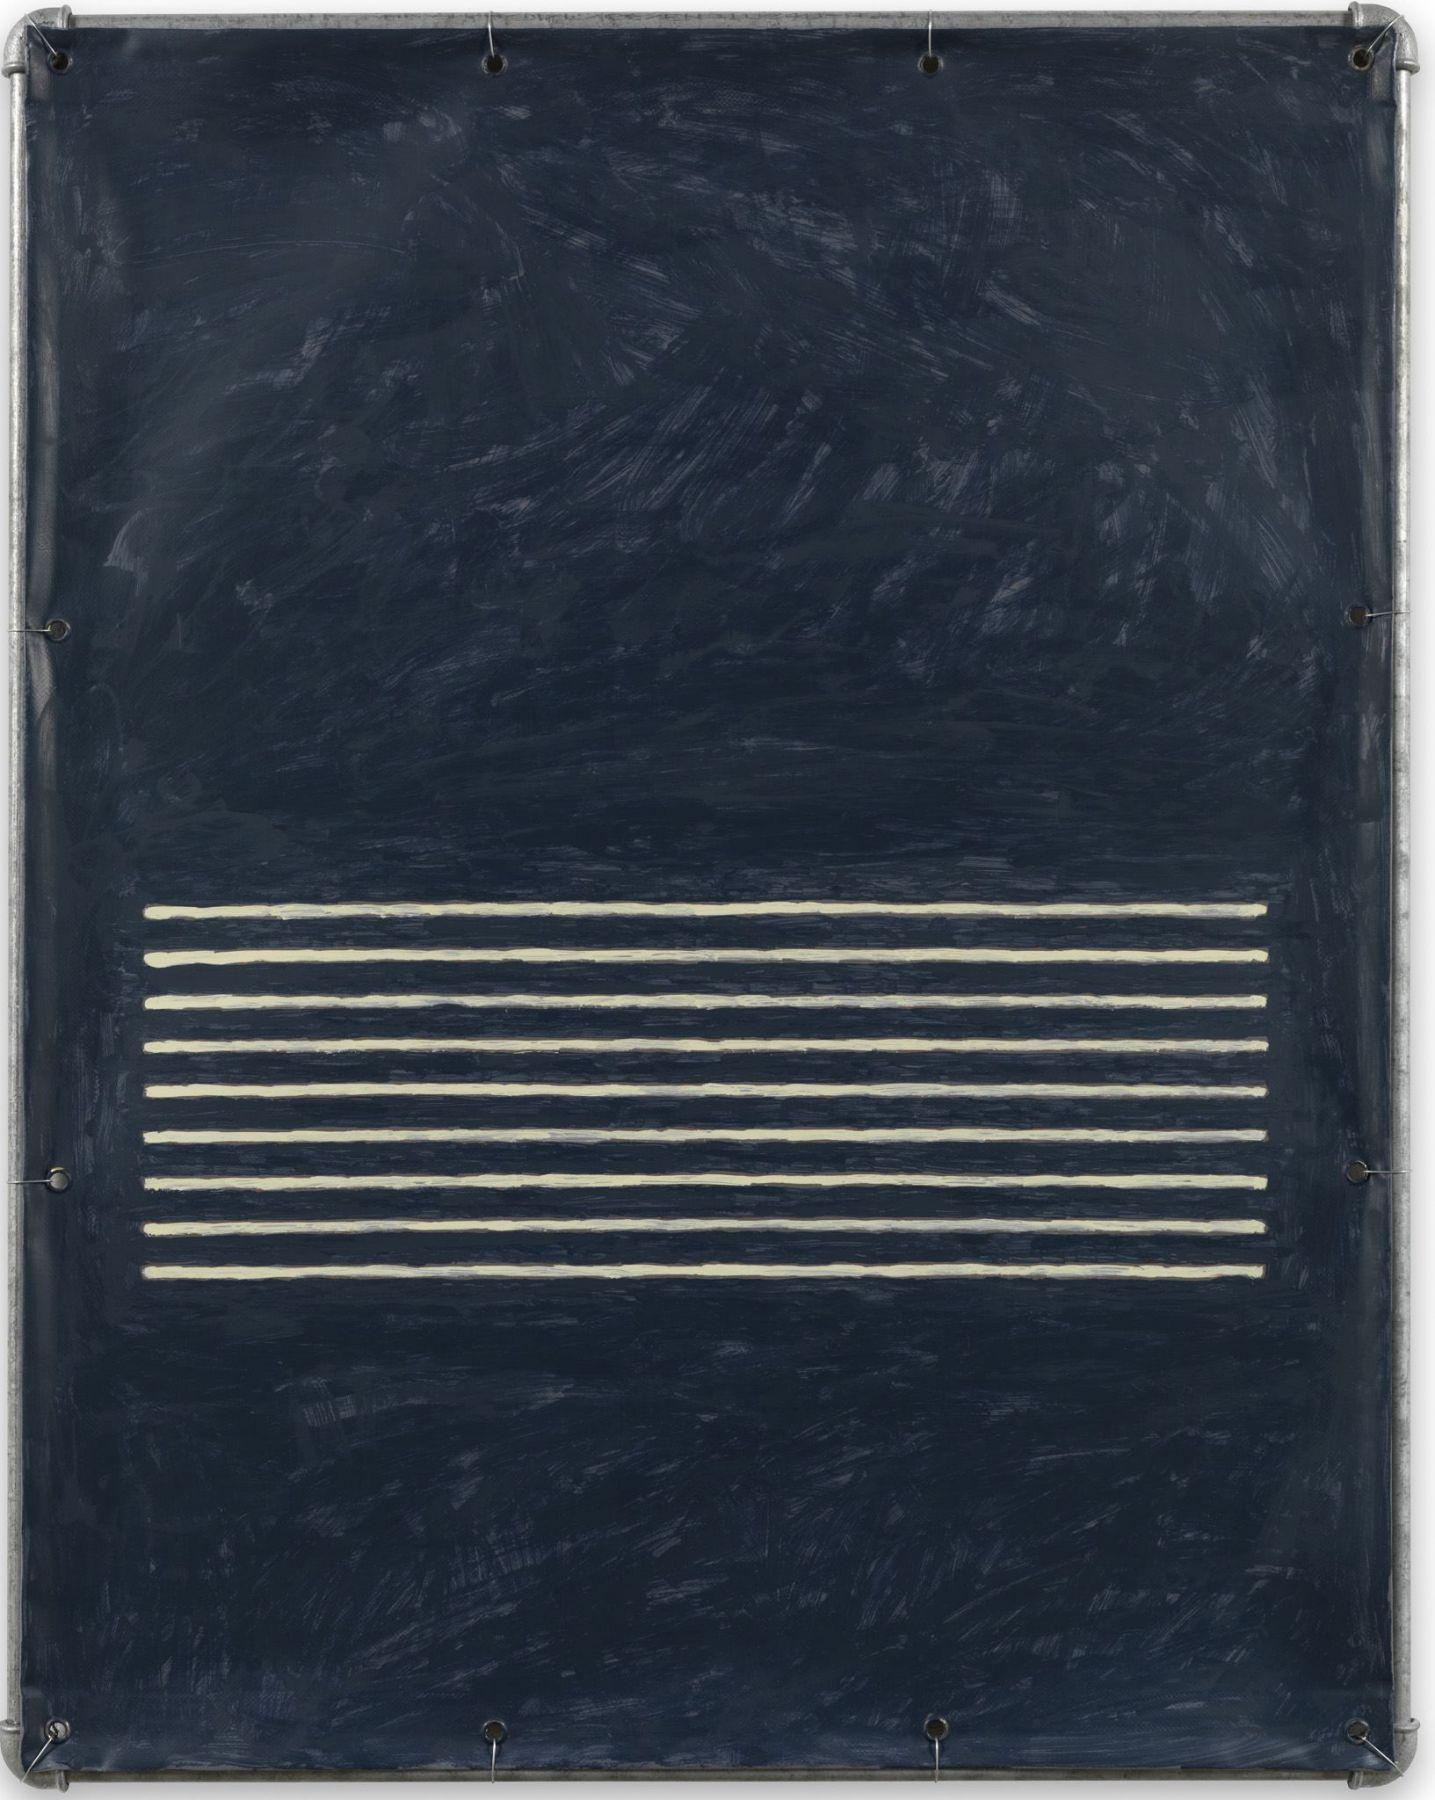 Valentin Carron, Lamento in blue bianco, 2014